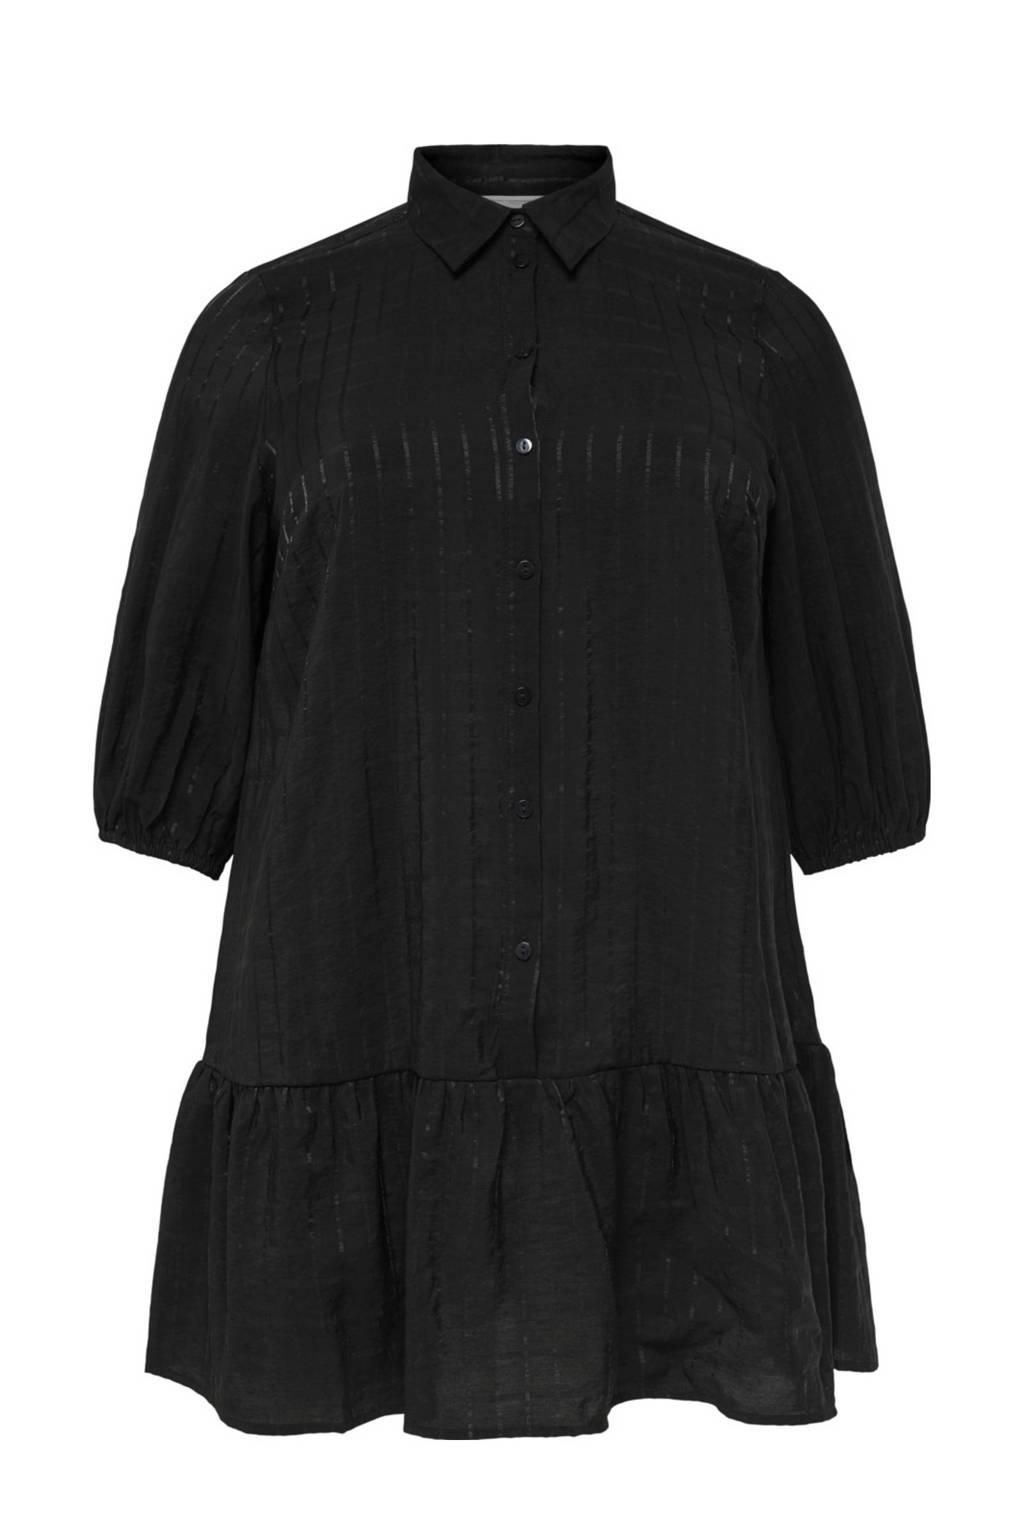 ONLY CARMAKOMA blousejurk zwart, Zwart